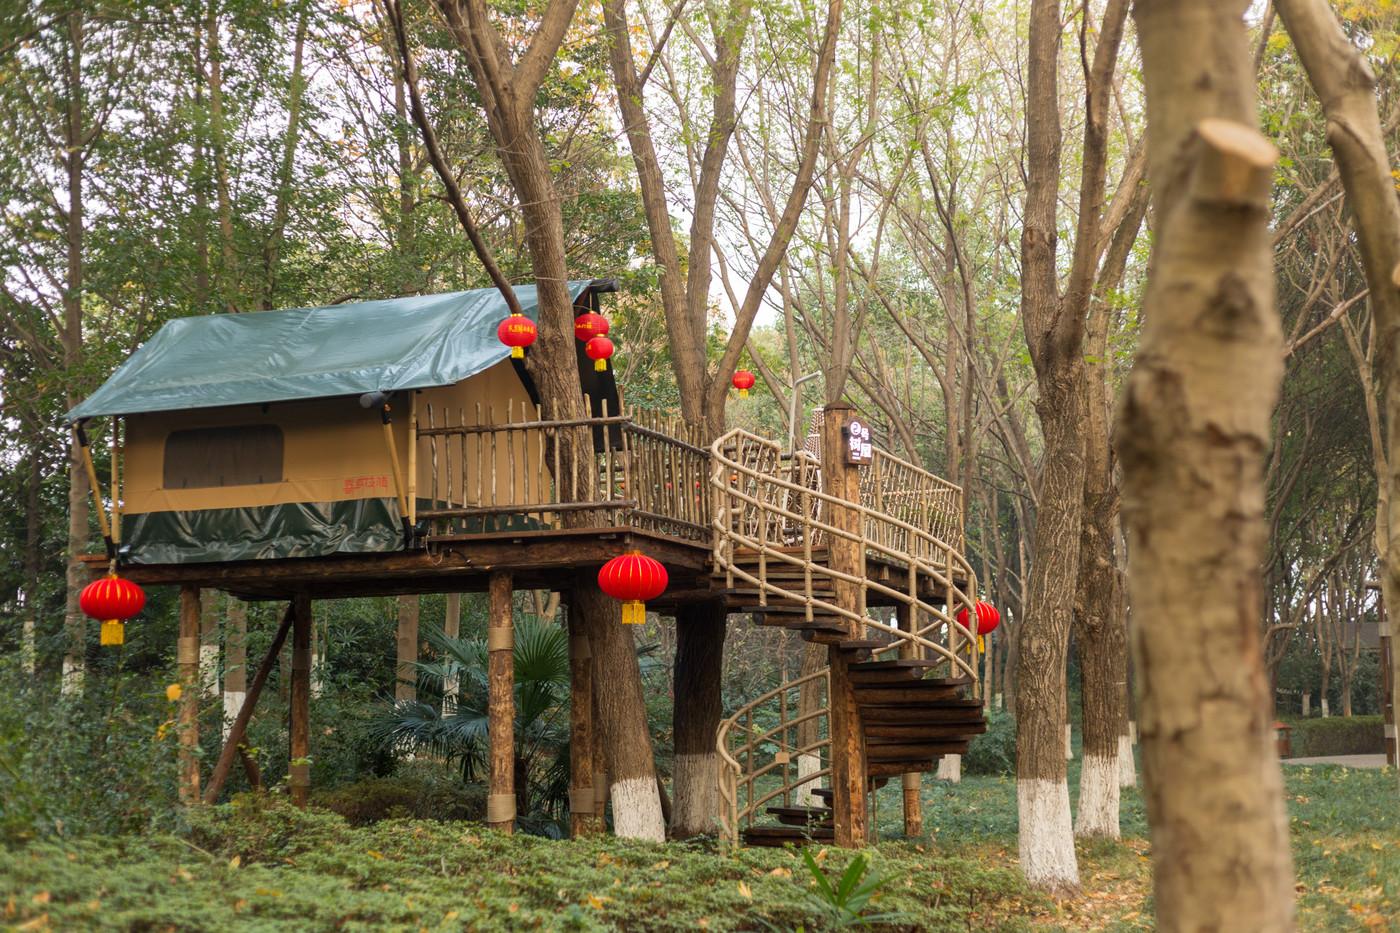 喜马拉雅野奢帐篷酒店—江苏常州天目湖树屋9